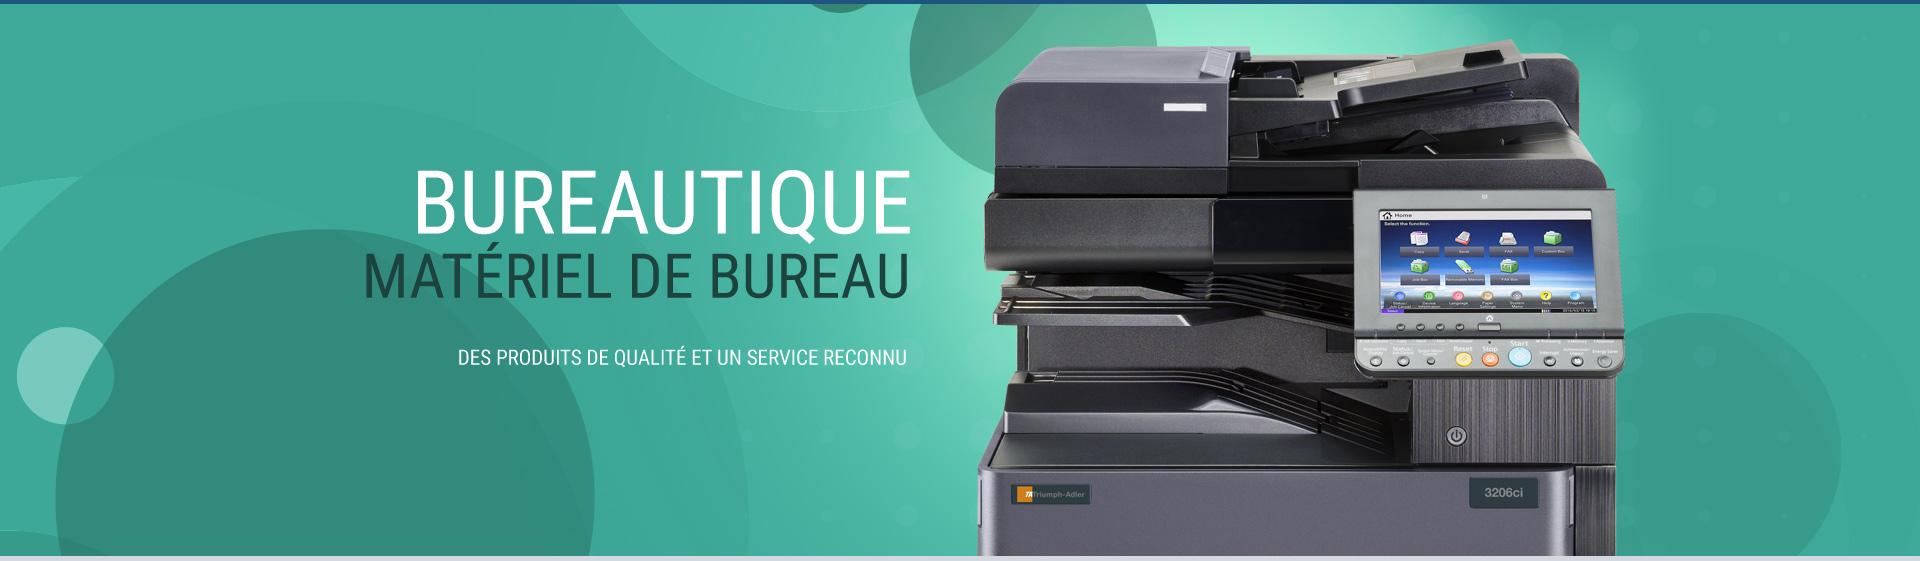 PhotocopieursCaisses Bretagne EnregistreusesMobilier Bureau Brest De ZuOPkiX